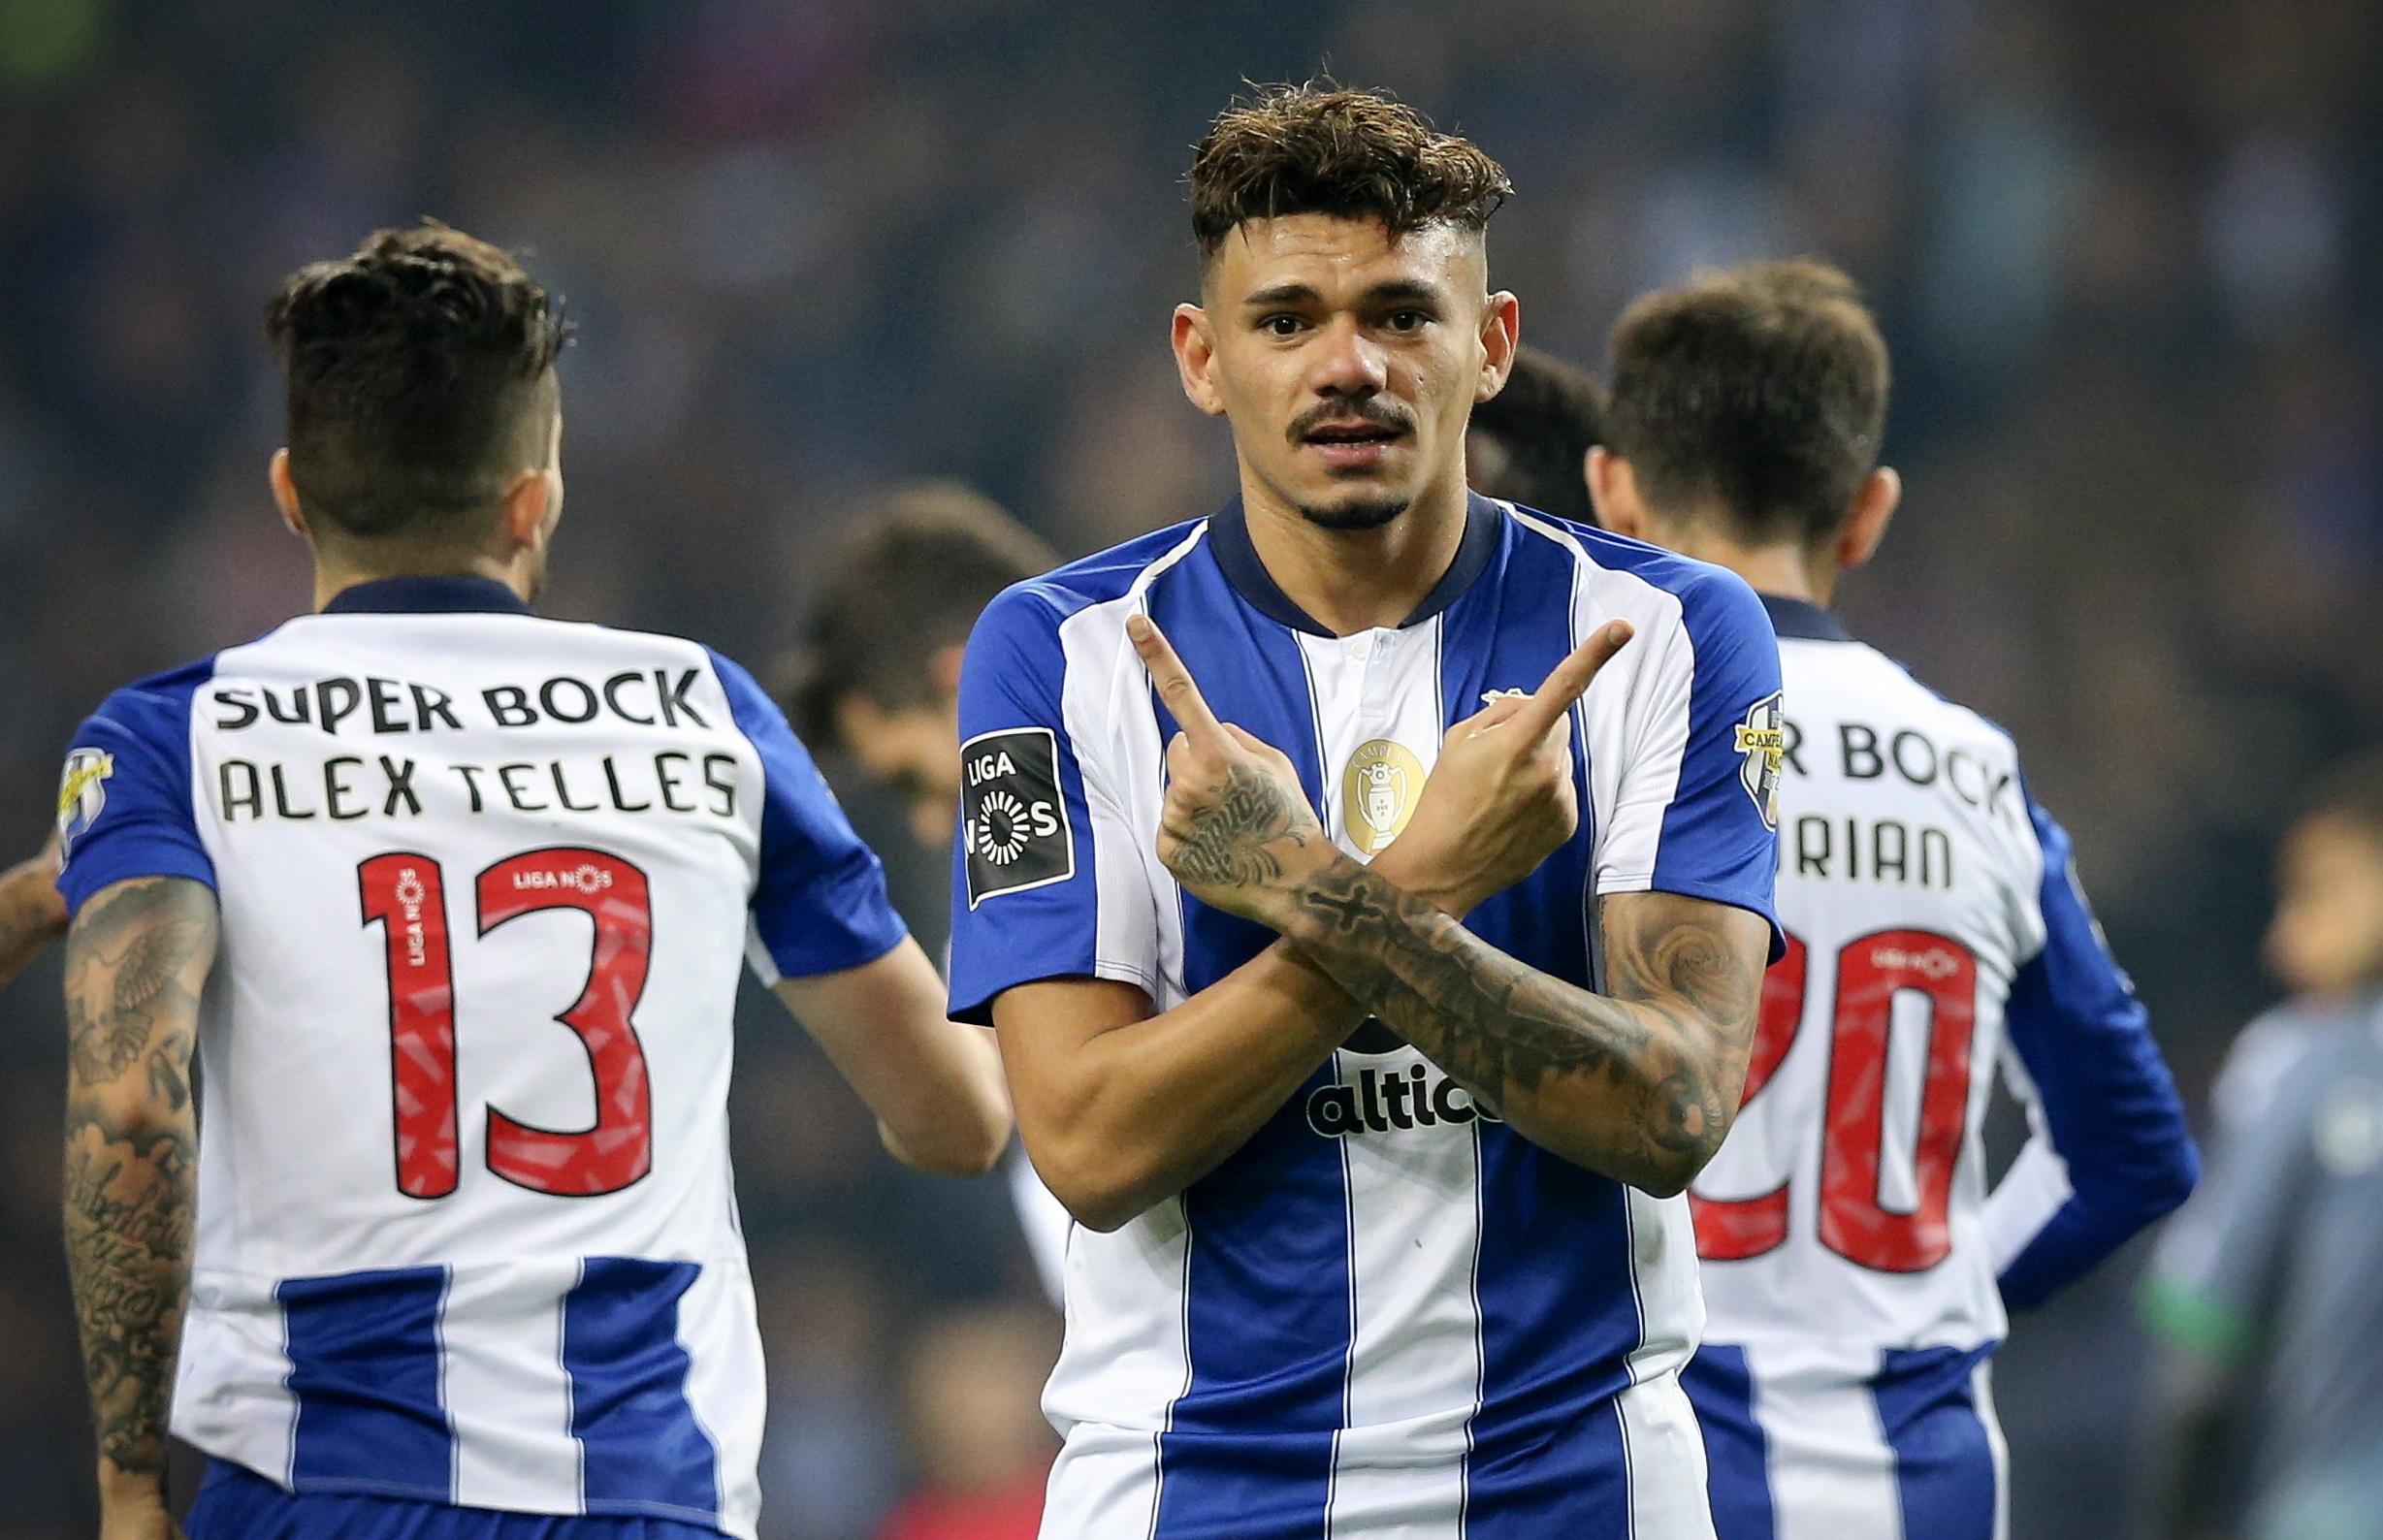 Análise: Exibição 'q.b.' do FC Porto foi suficiente para segurar a liderança mais uma semana